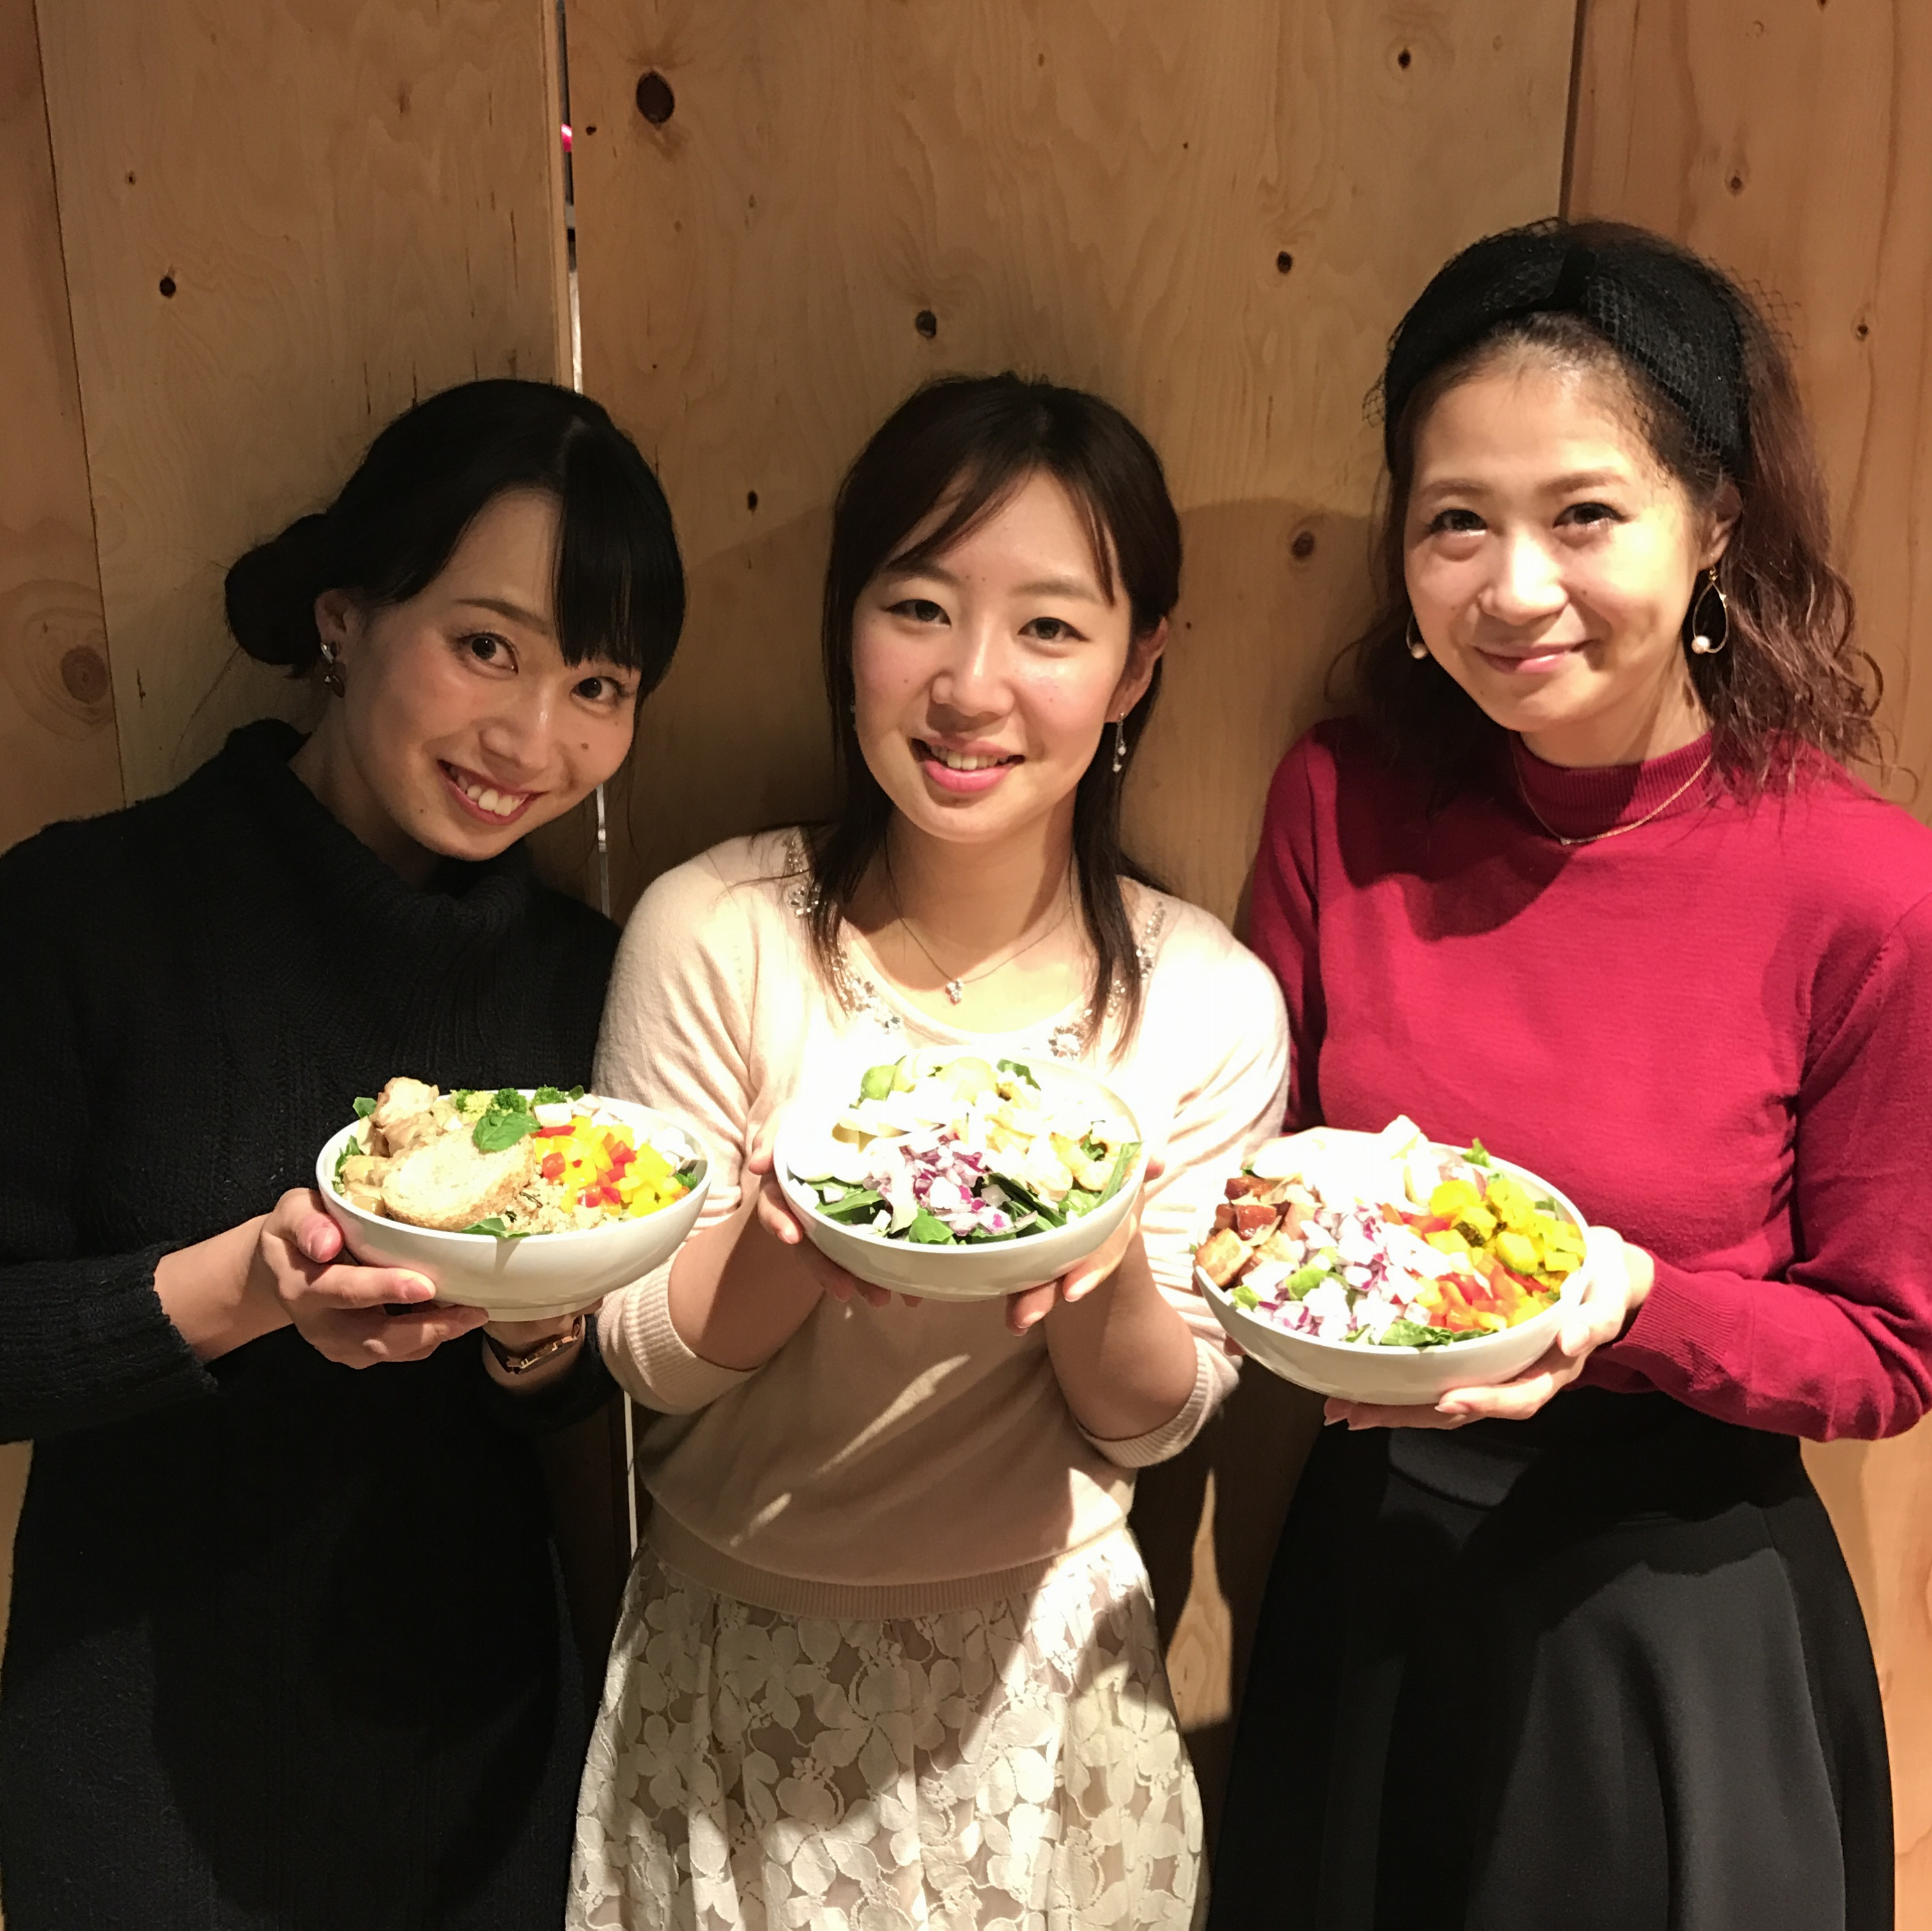 発売中のMOREに掲載☆MORE的三ツ星女子会スポットをレポ☆_2